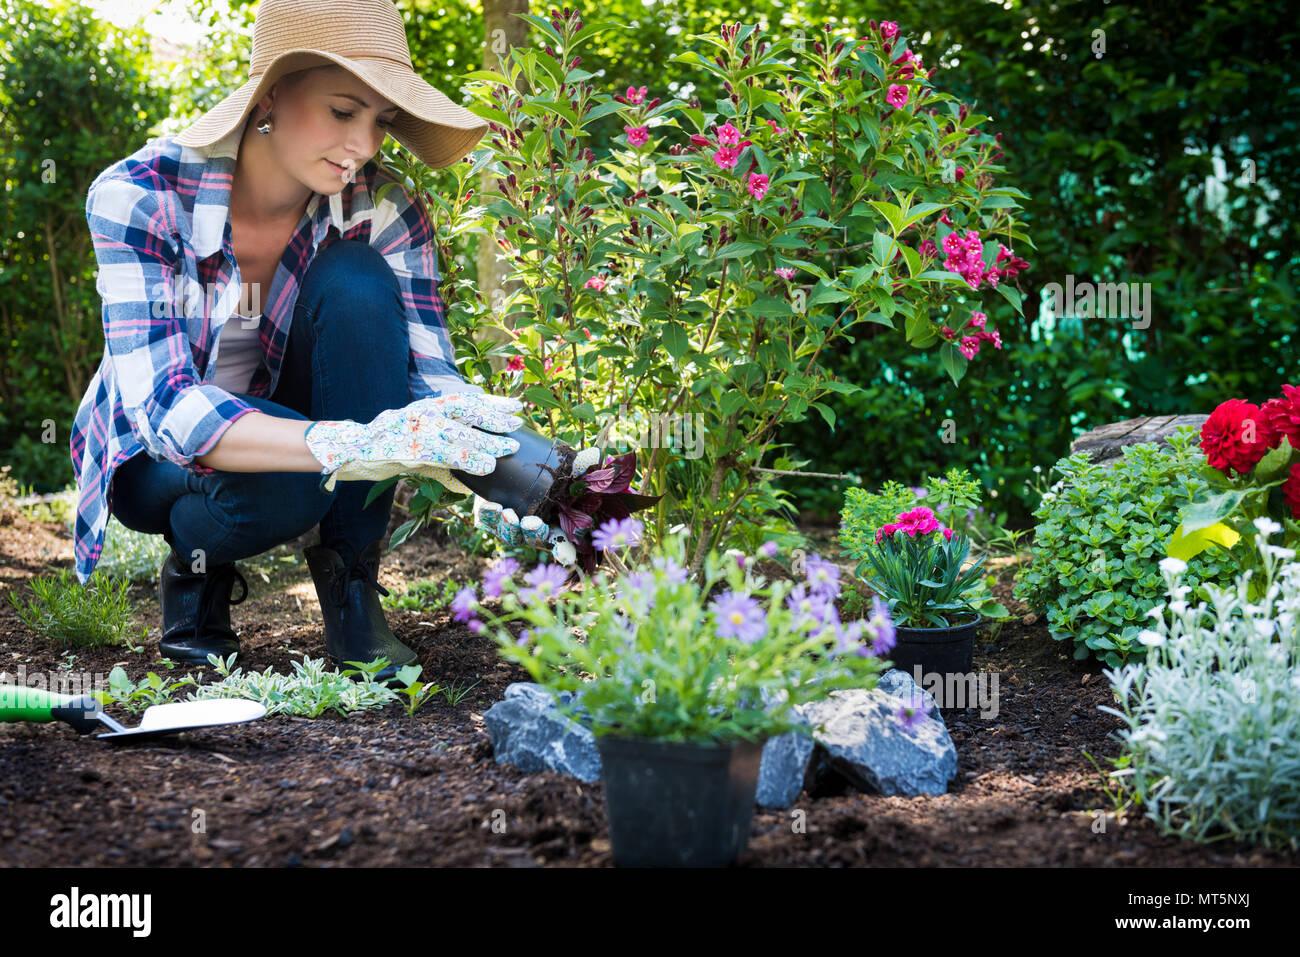 Hermosa hembra jardinero llevar sombrero de paja de plantar flores en su jardín. Concepto de jardinería. Jardín parquizado dueño de la pequeña empresa. Foto de stock